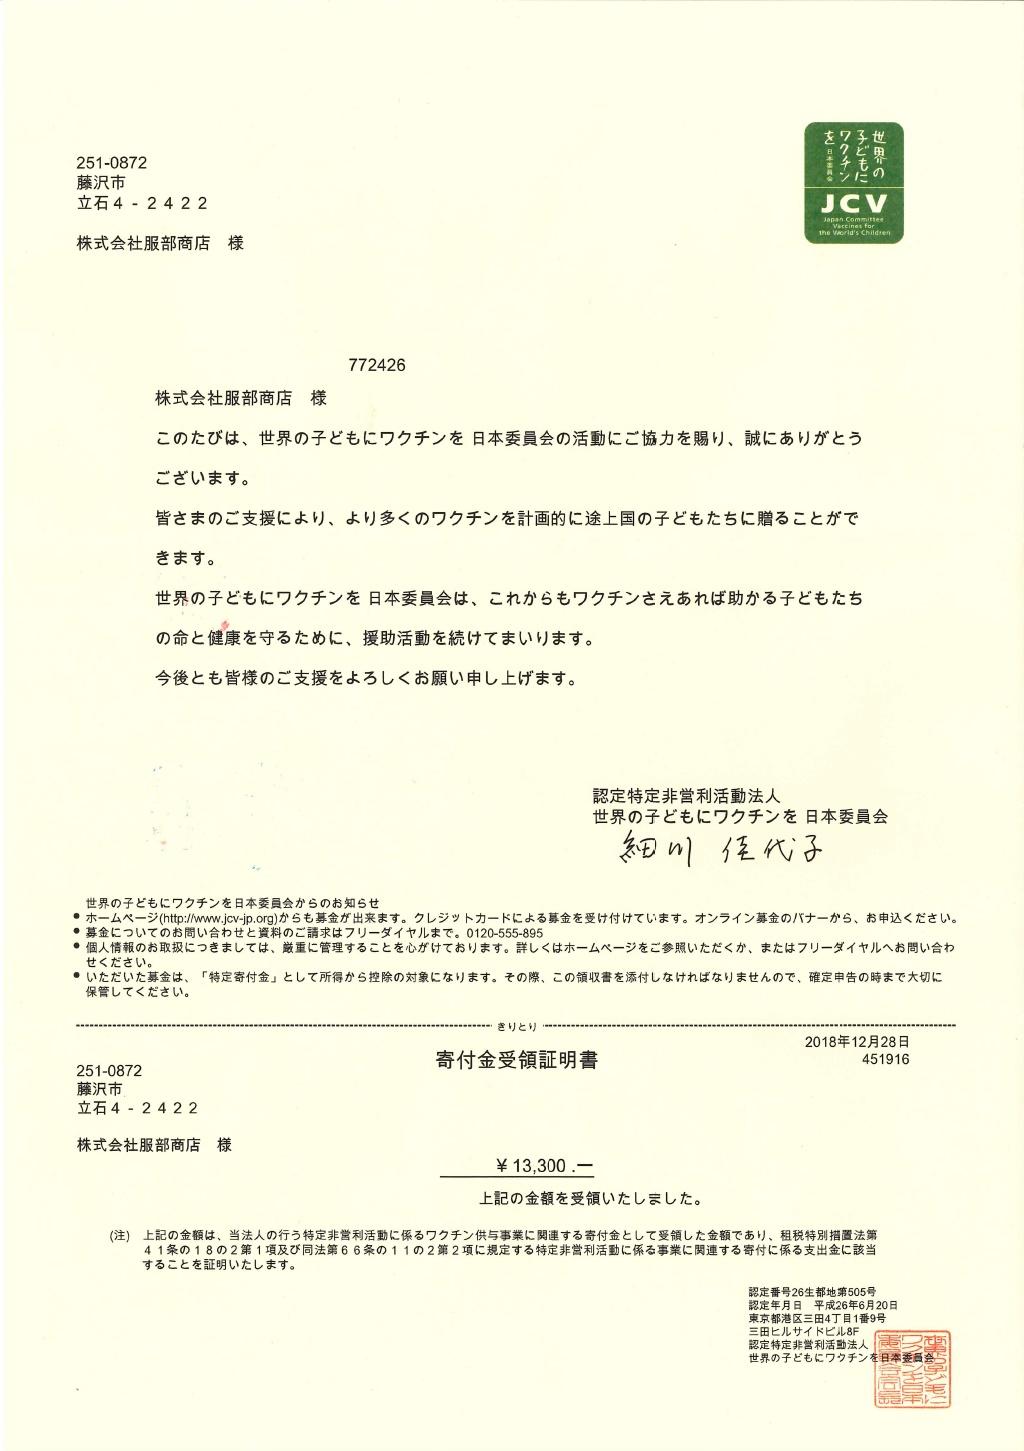 服部商店 ロコヨキャッププロジェクト 報告書 43